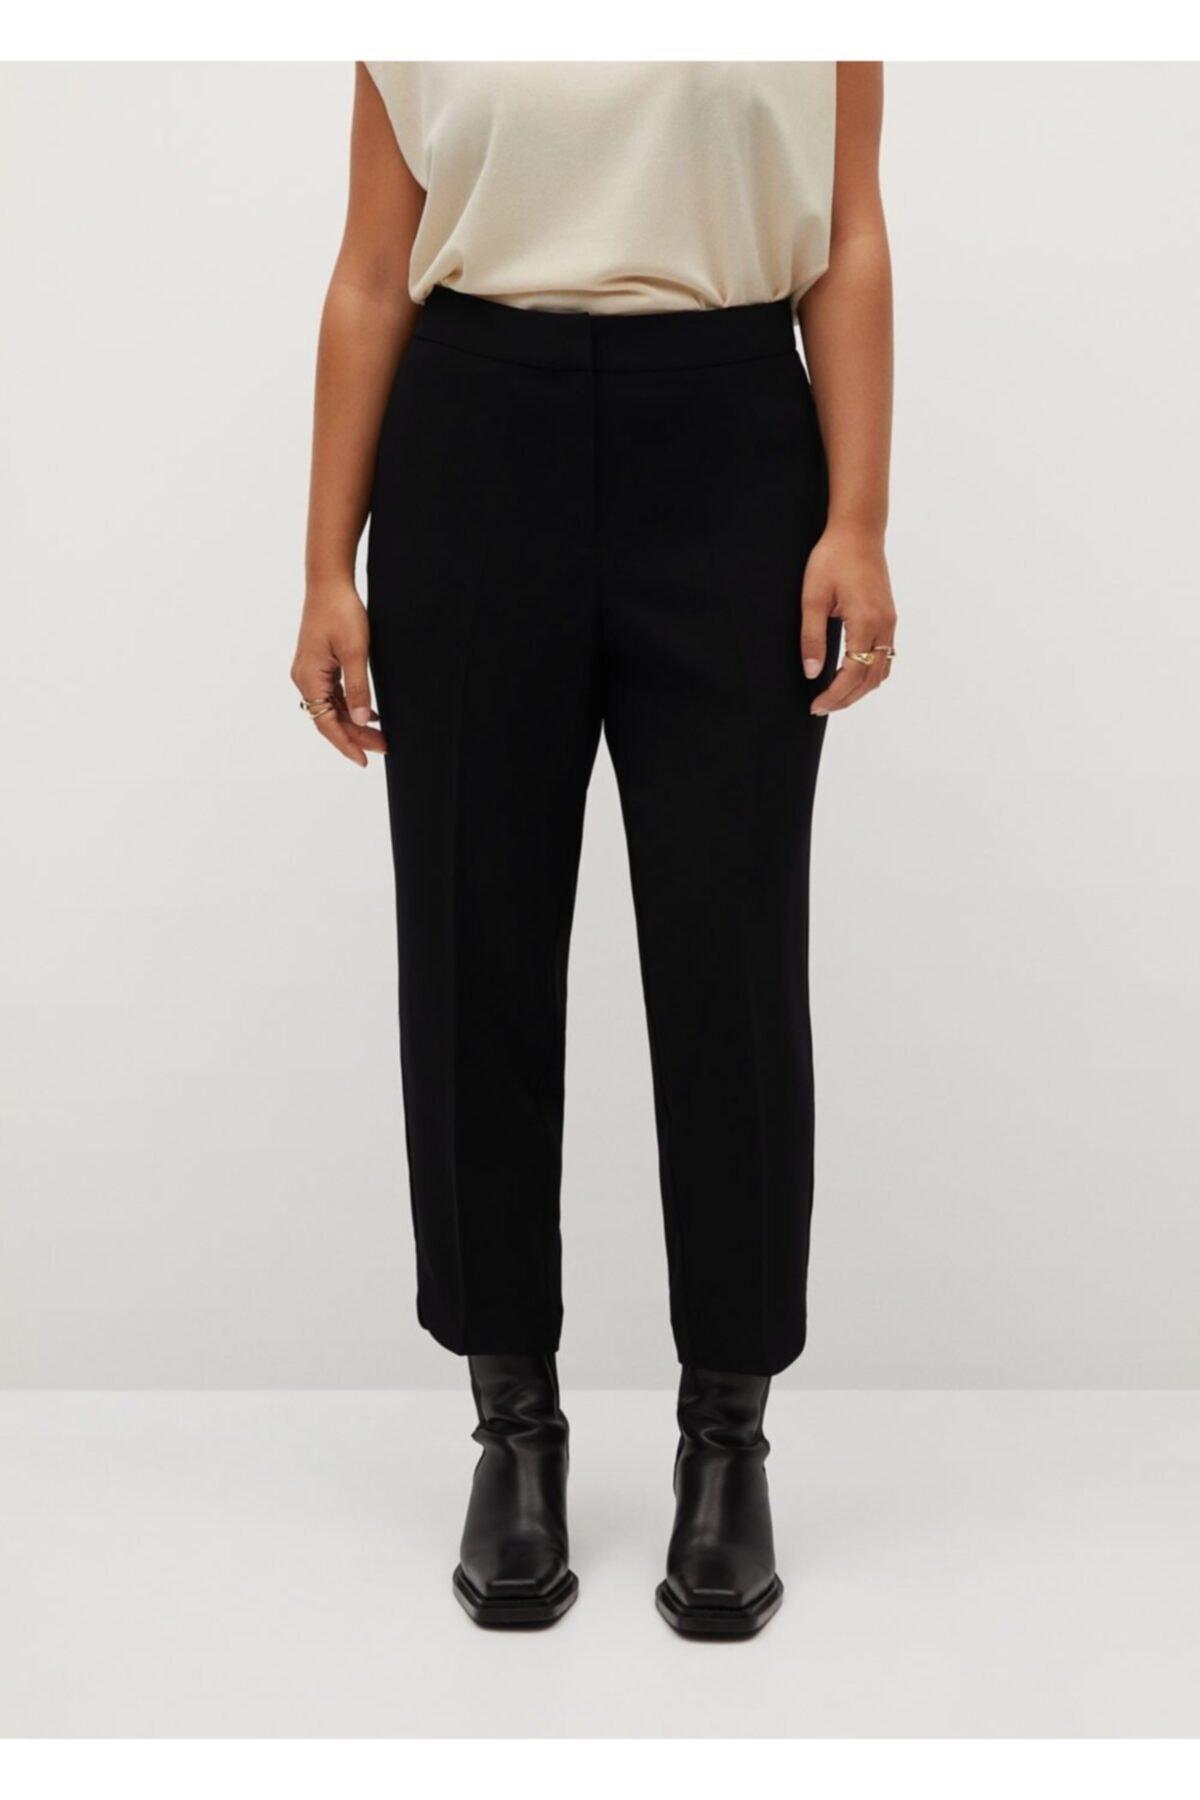 Violeta by MANGO Kadın Siyah Kısa Paçalı Dar Kesim Pantolon 2